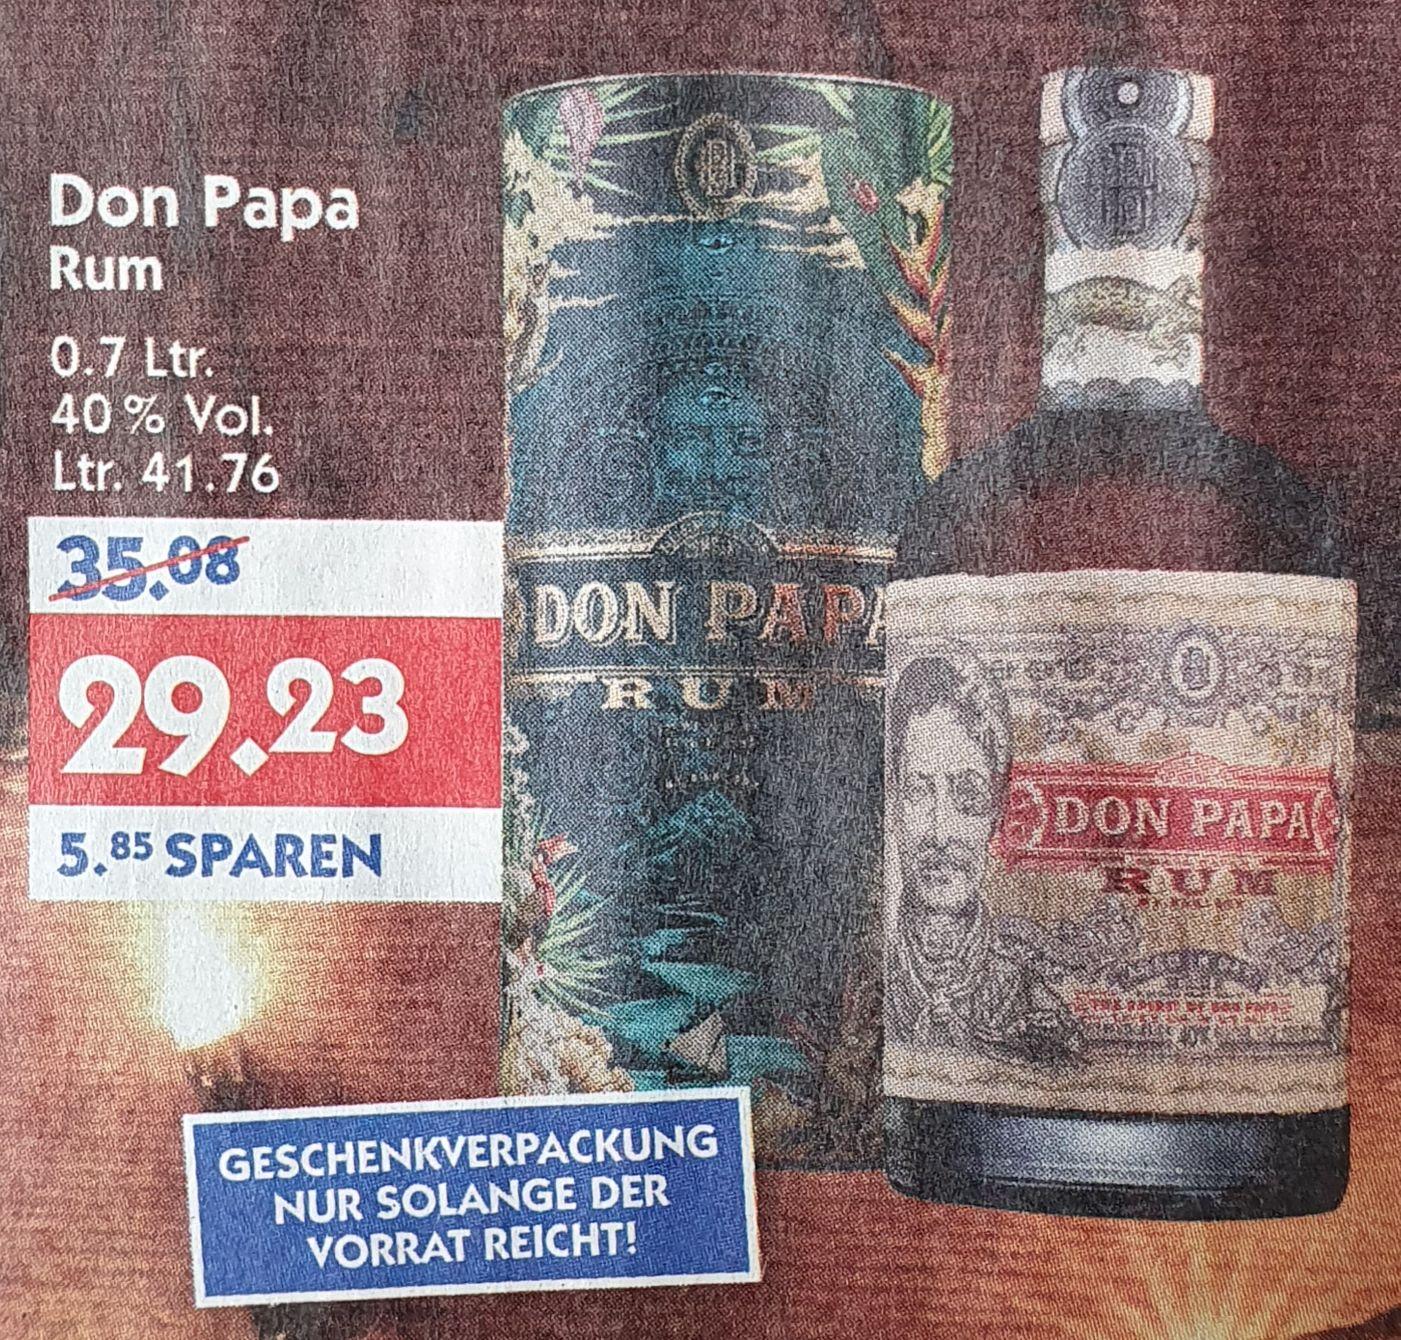 Don Papa Rum mit Geschenkverpackung bei Hol'ab